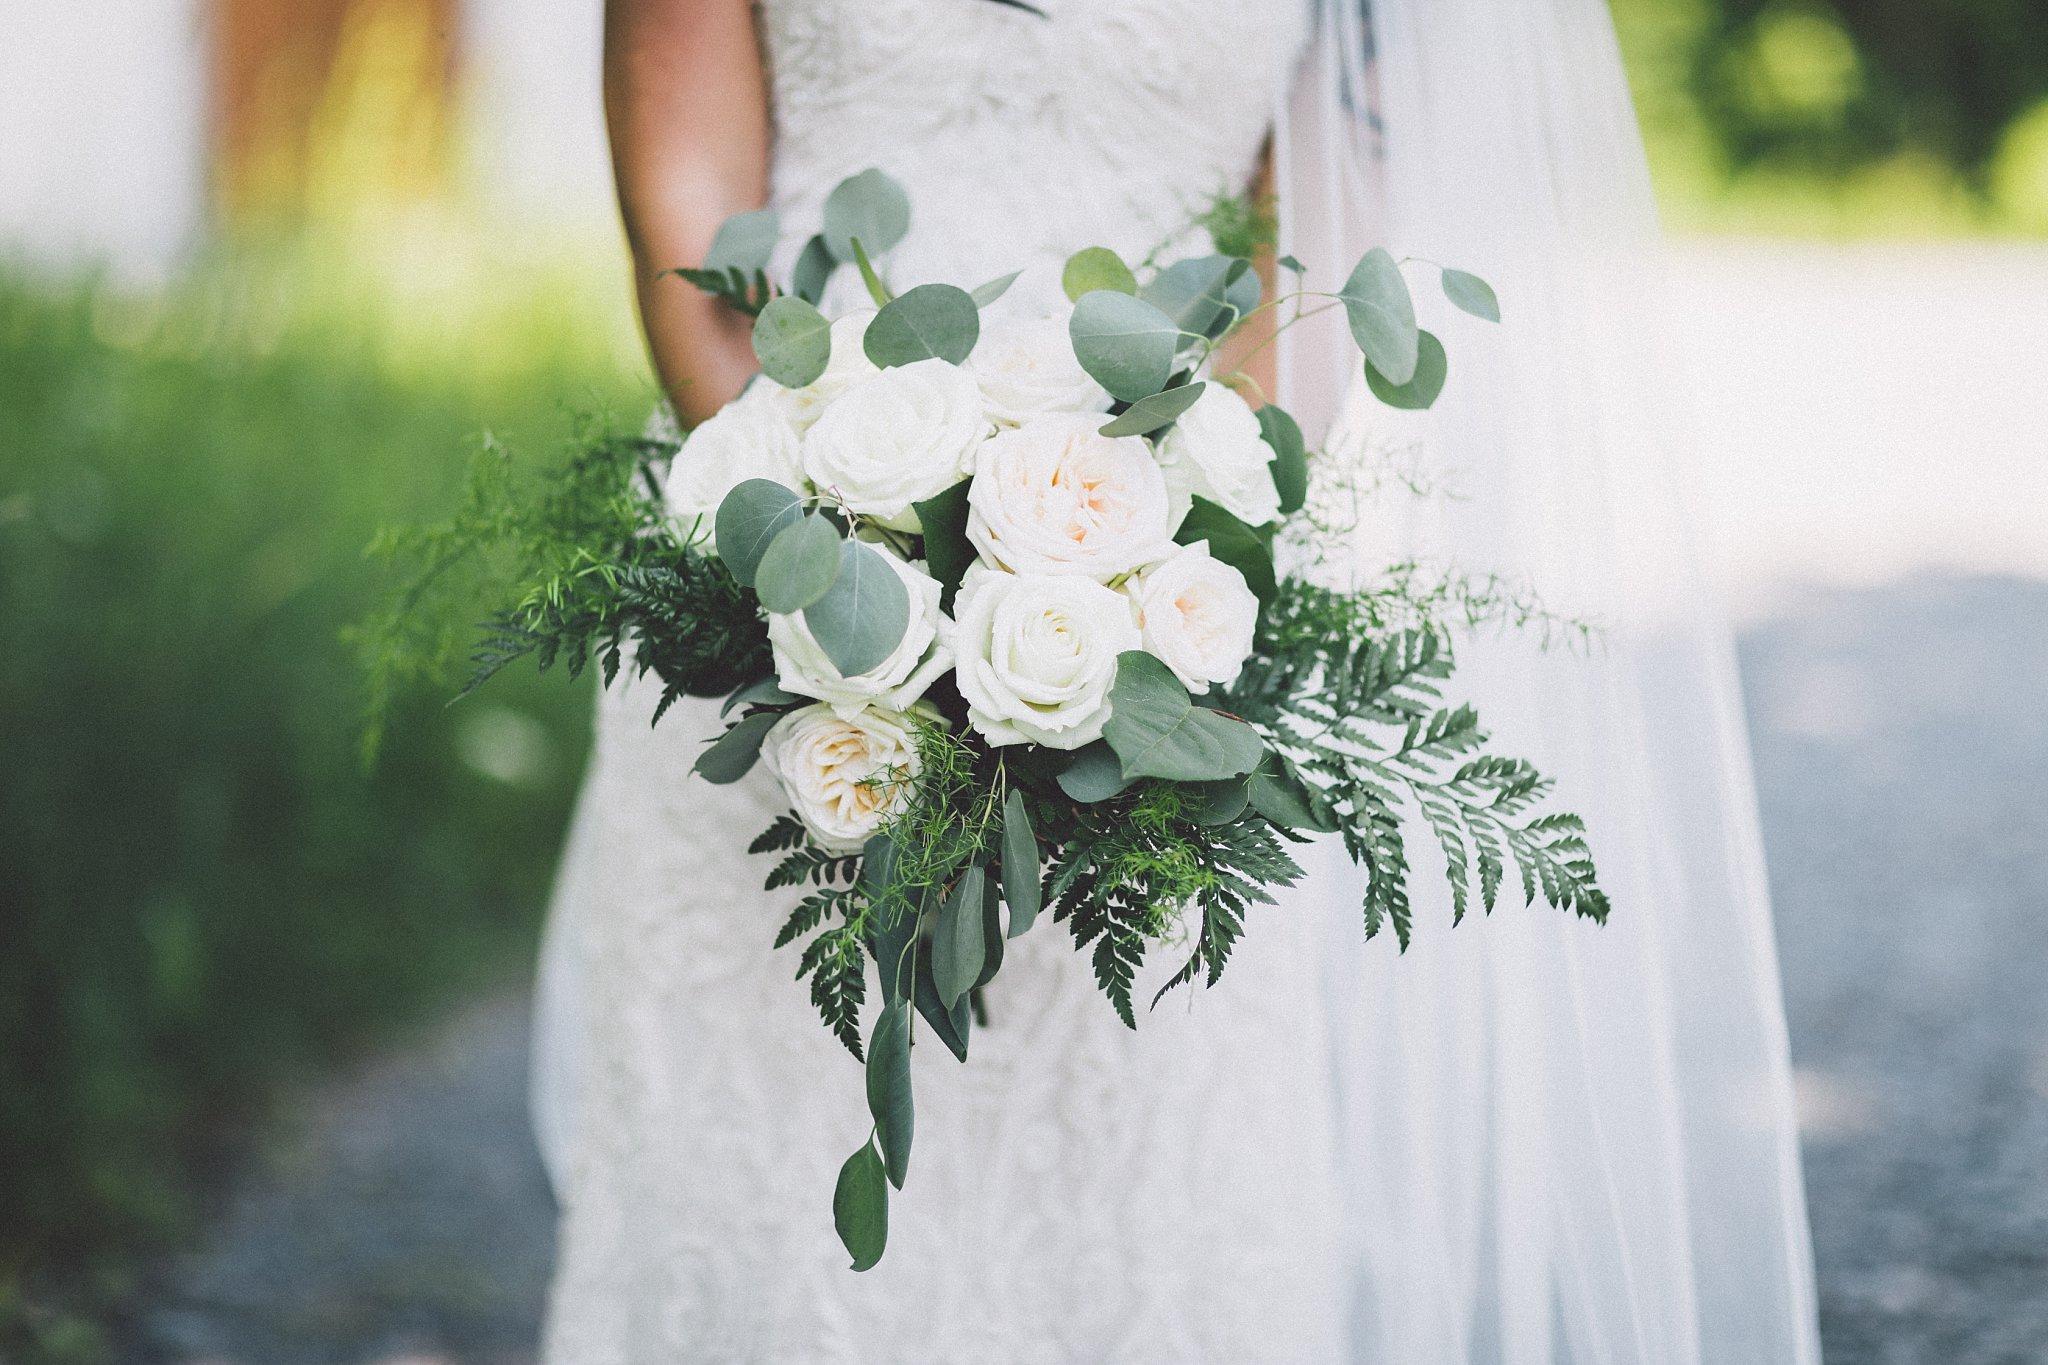 finger lakes wedding photography larkin and trevor_0226.jpg